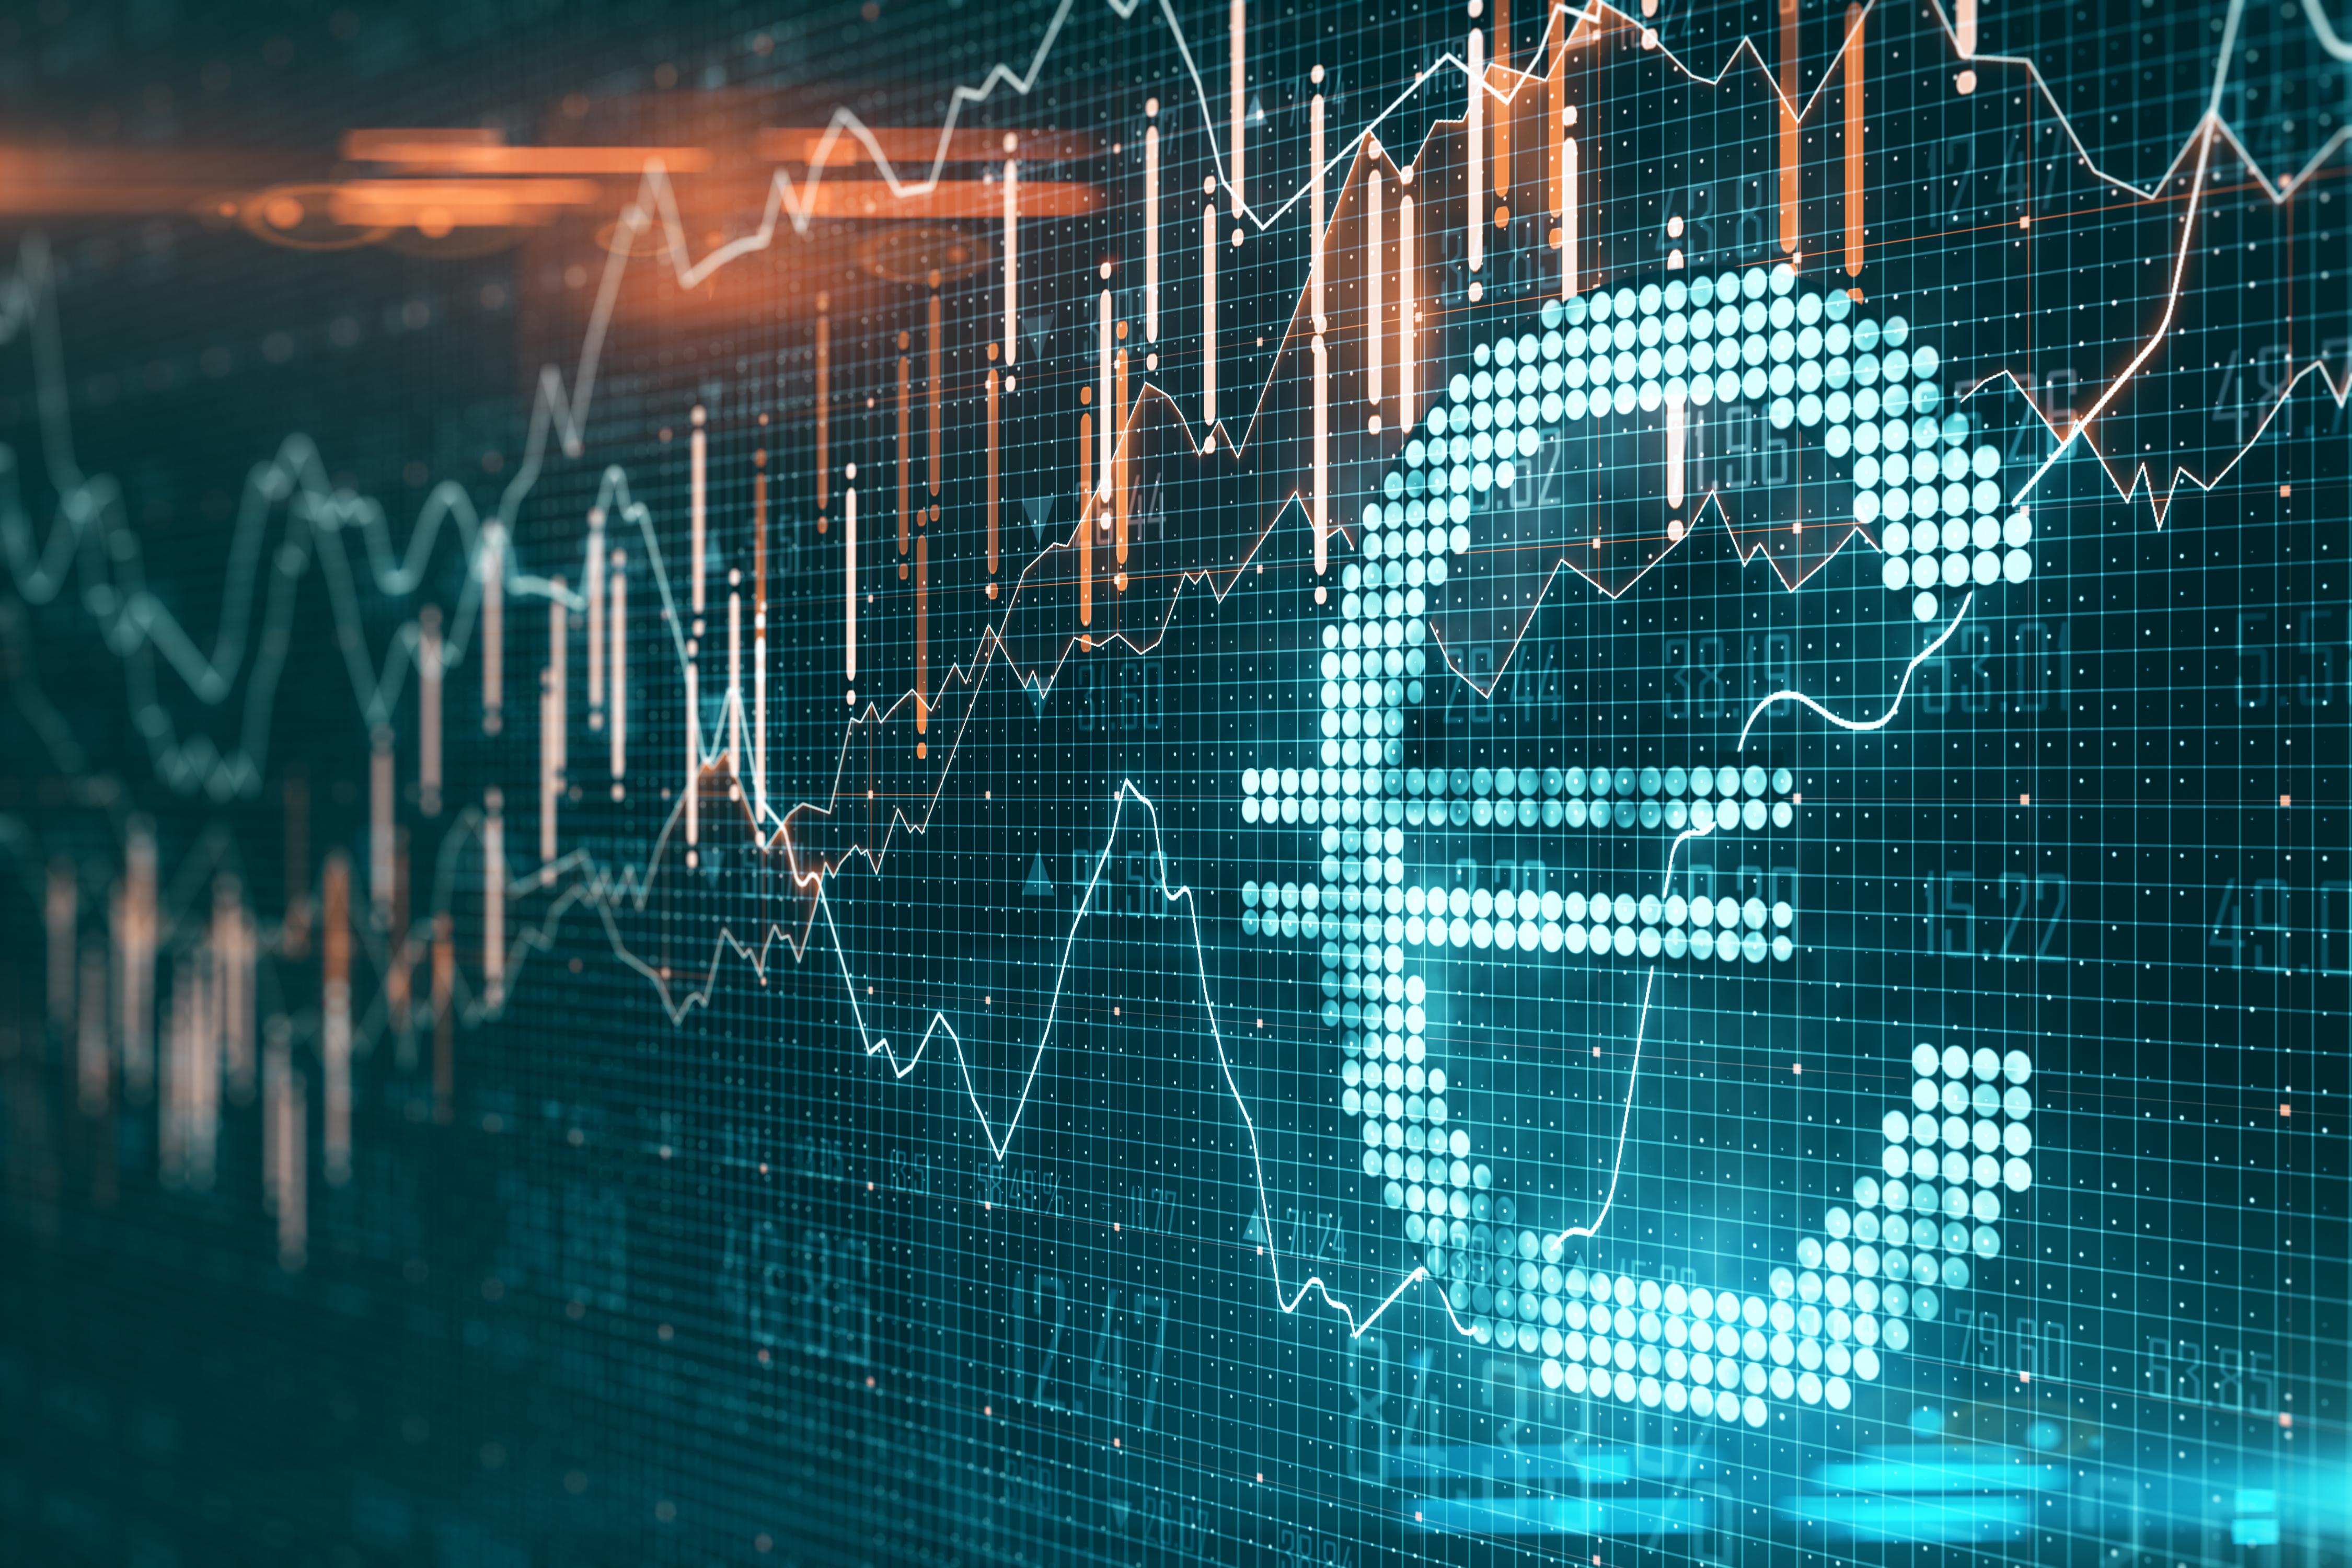 Criptomoedas: Uma Ameaça Aos Bancos Centrais?